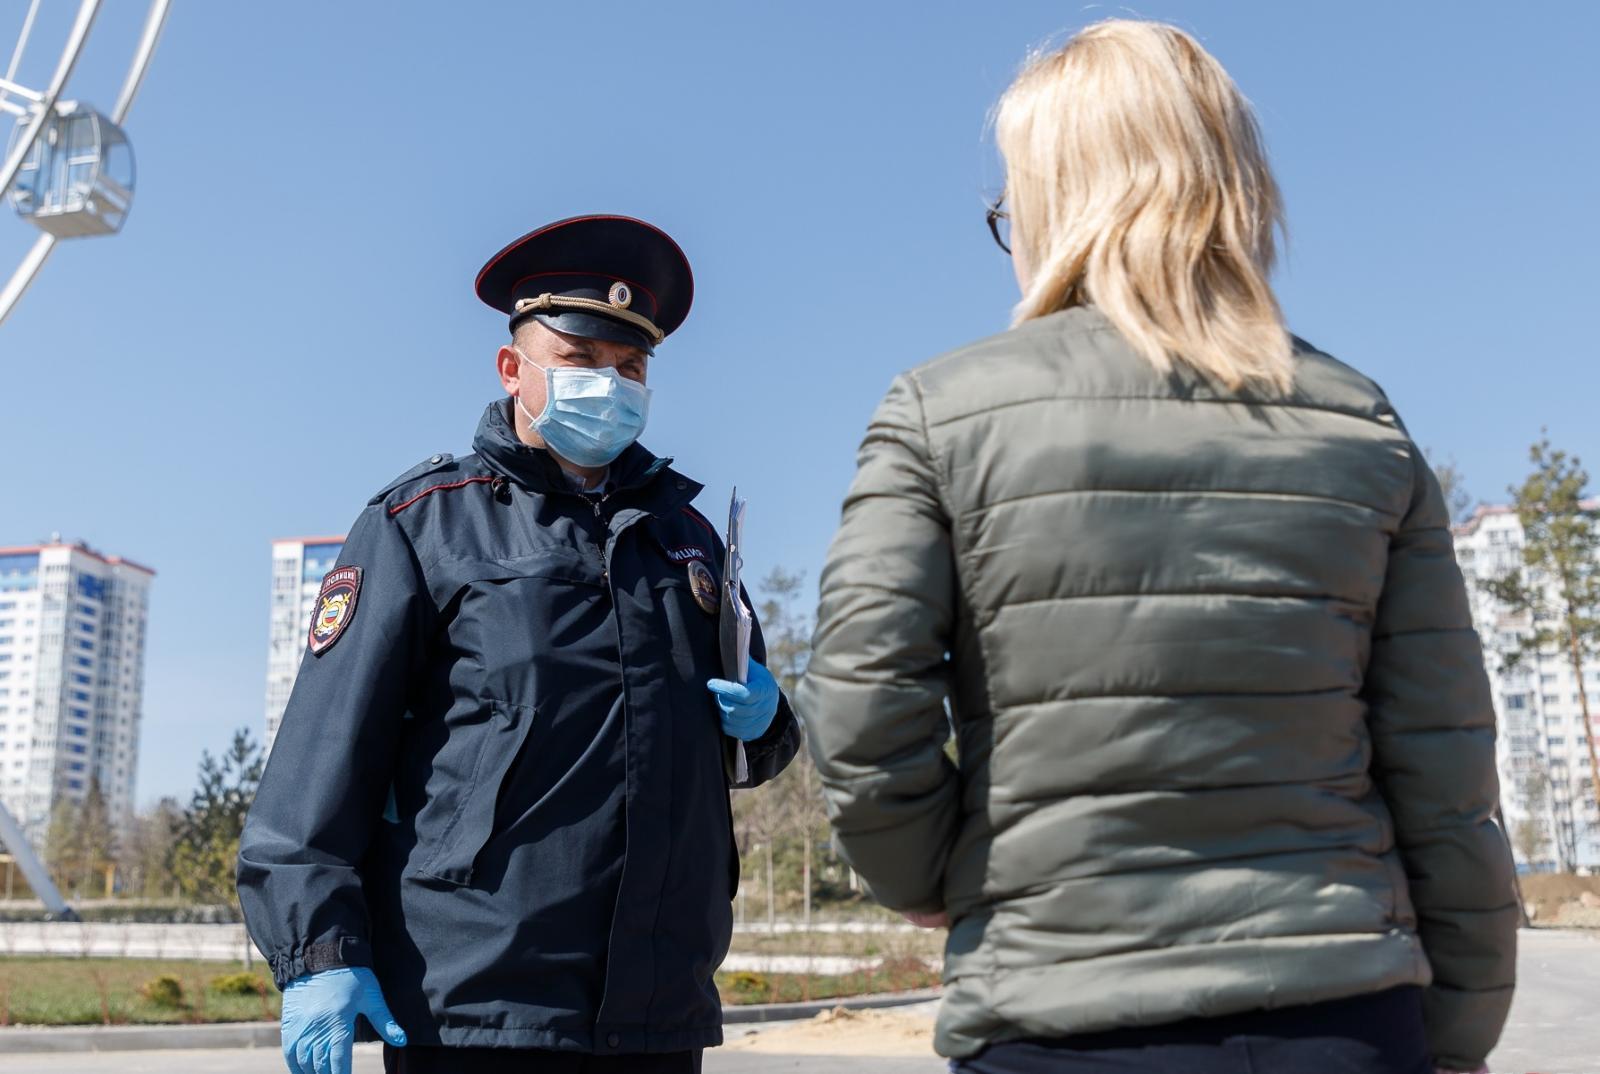 В Брянске выписали 3 протокола за несоблюдение масочного режима